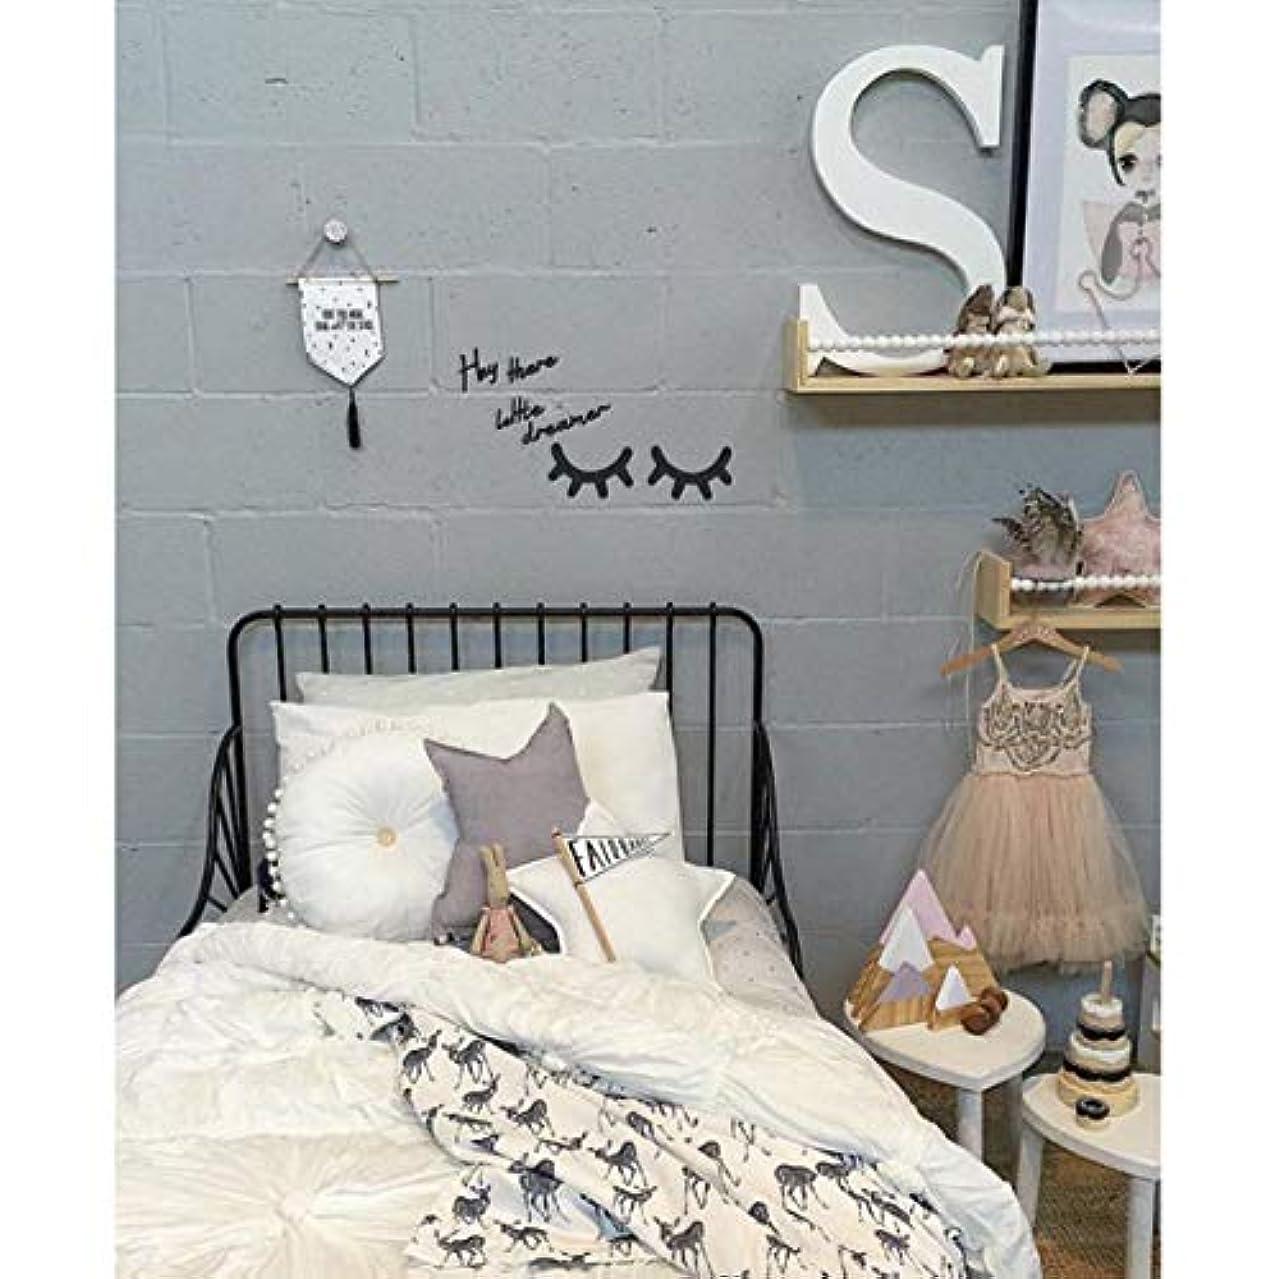 揺れるメンター気がついてVosarea キラキラ木製まつげパターンウォールステッカー用キッズパーティー寝室の背景部屋の装飾diyまつげパターンウォールステッカーブラック